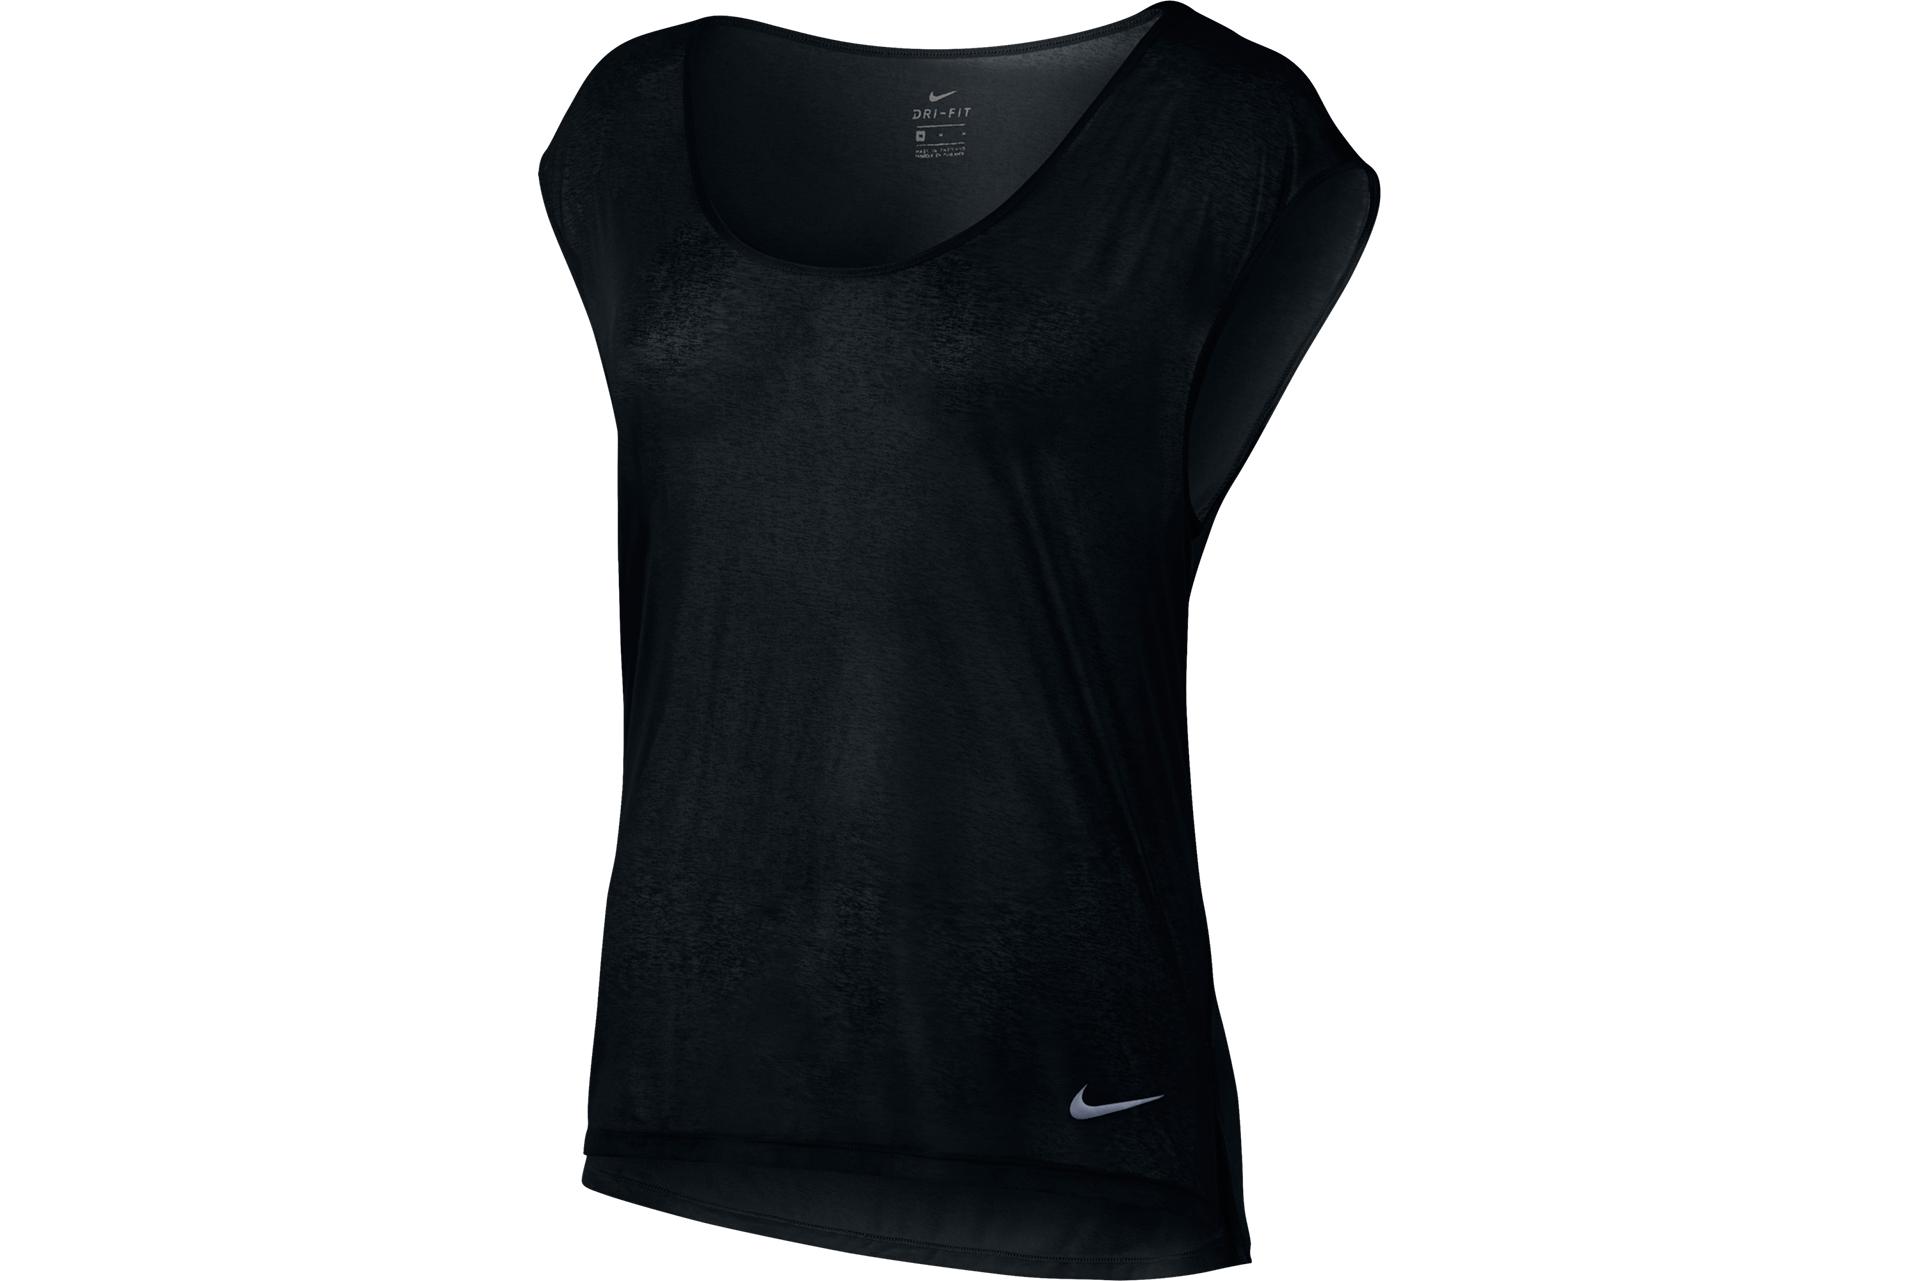 Maillot Femme Nike Breathe Noir